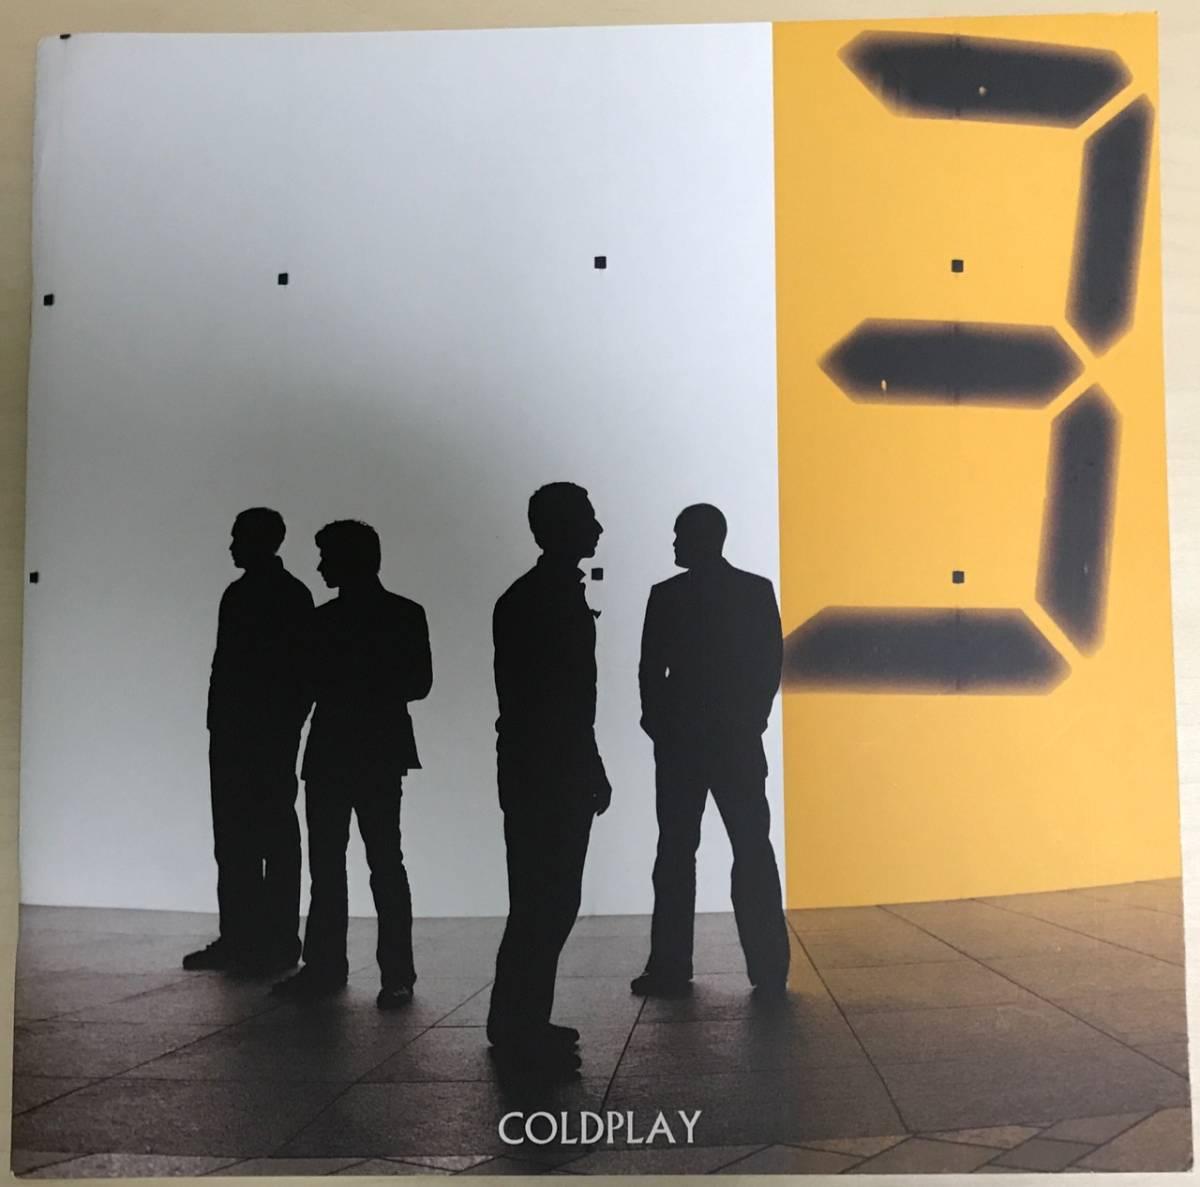 Coldplay 2006 X & Y ツアーパンフレット コールドプレイ フジロック サマソニ